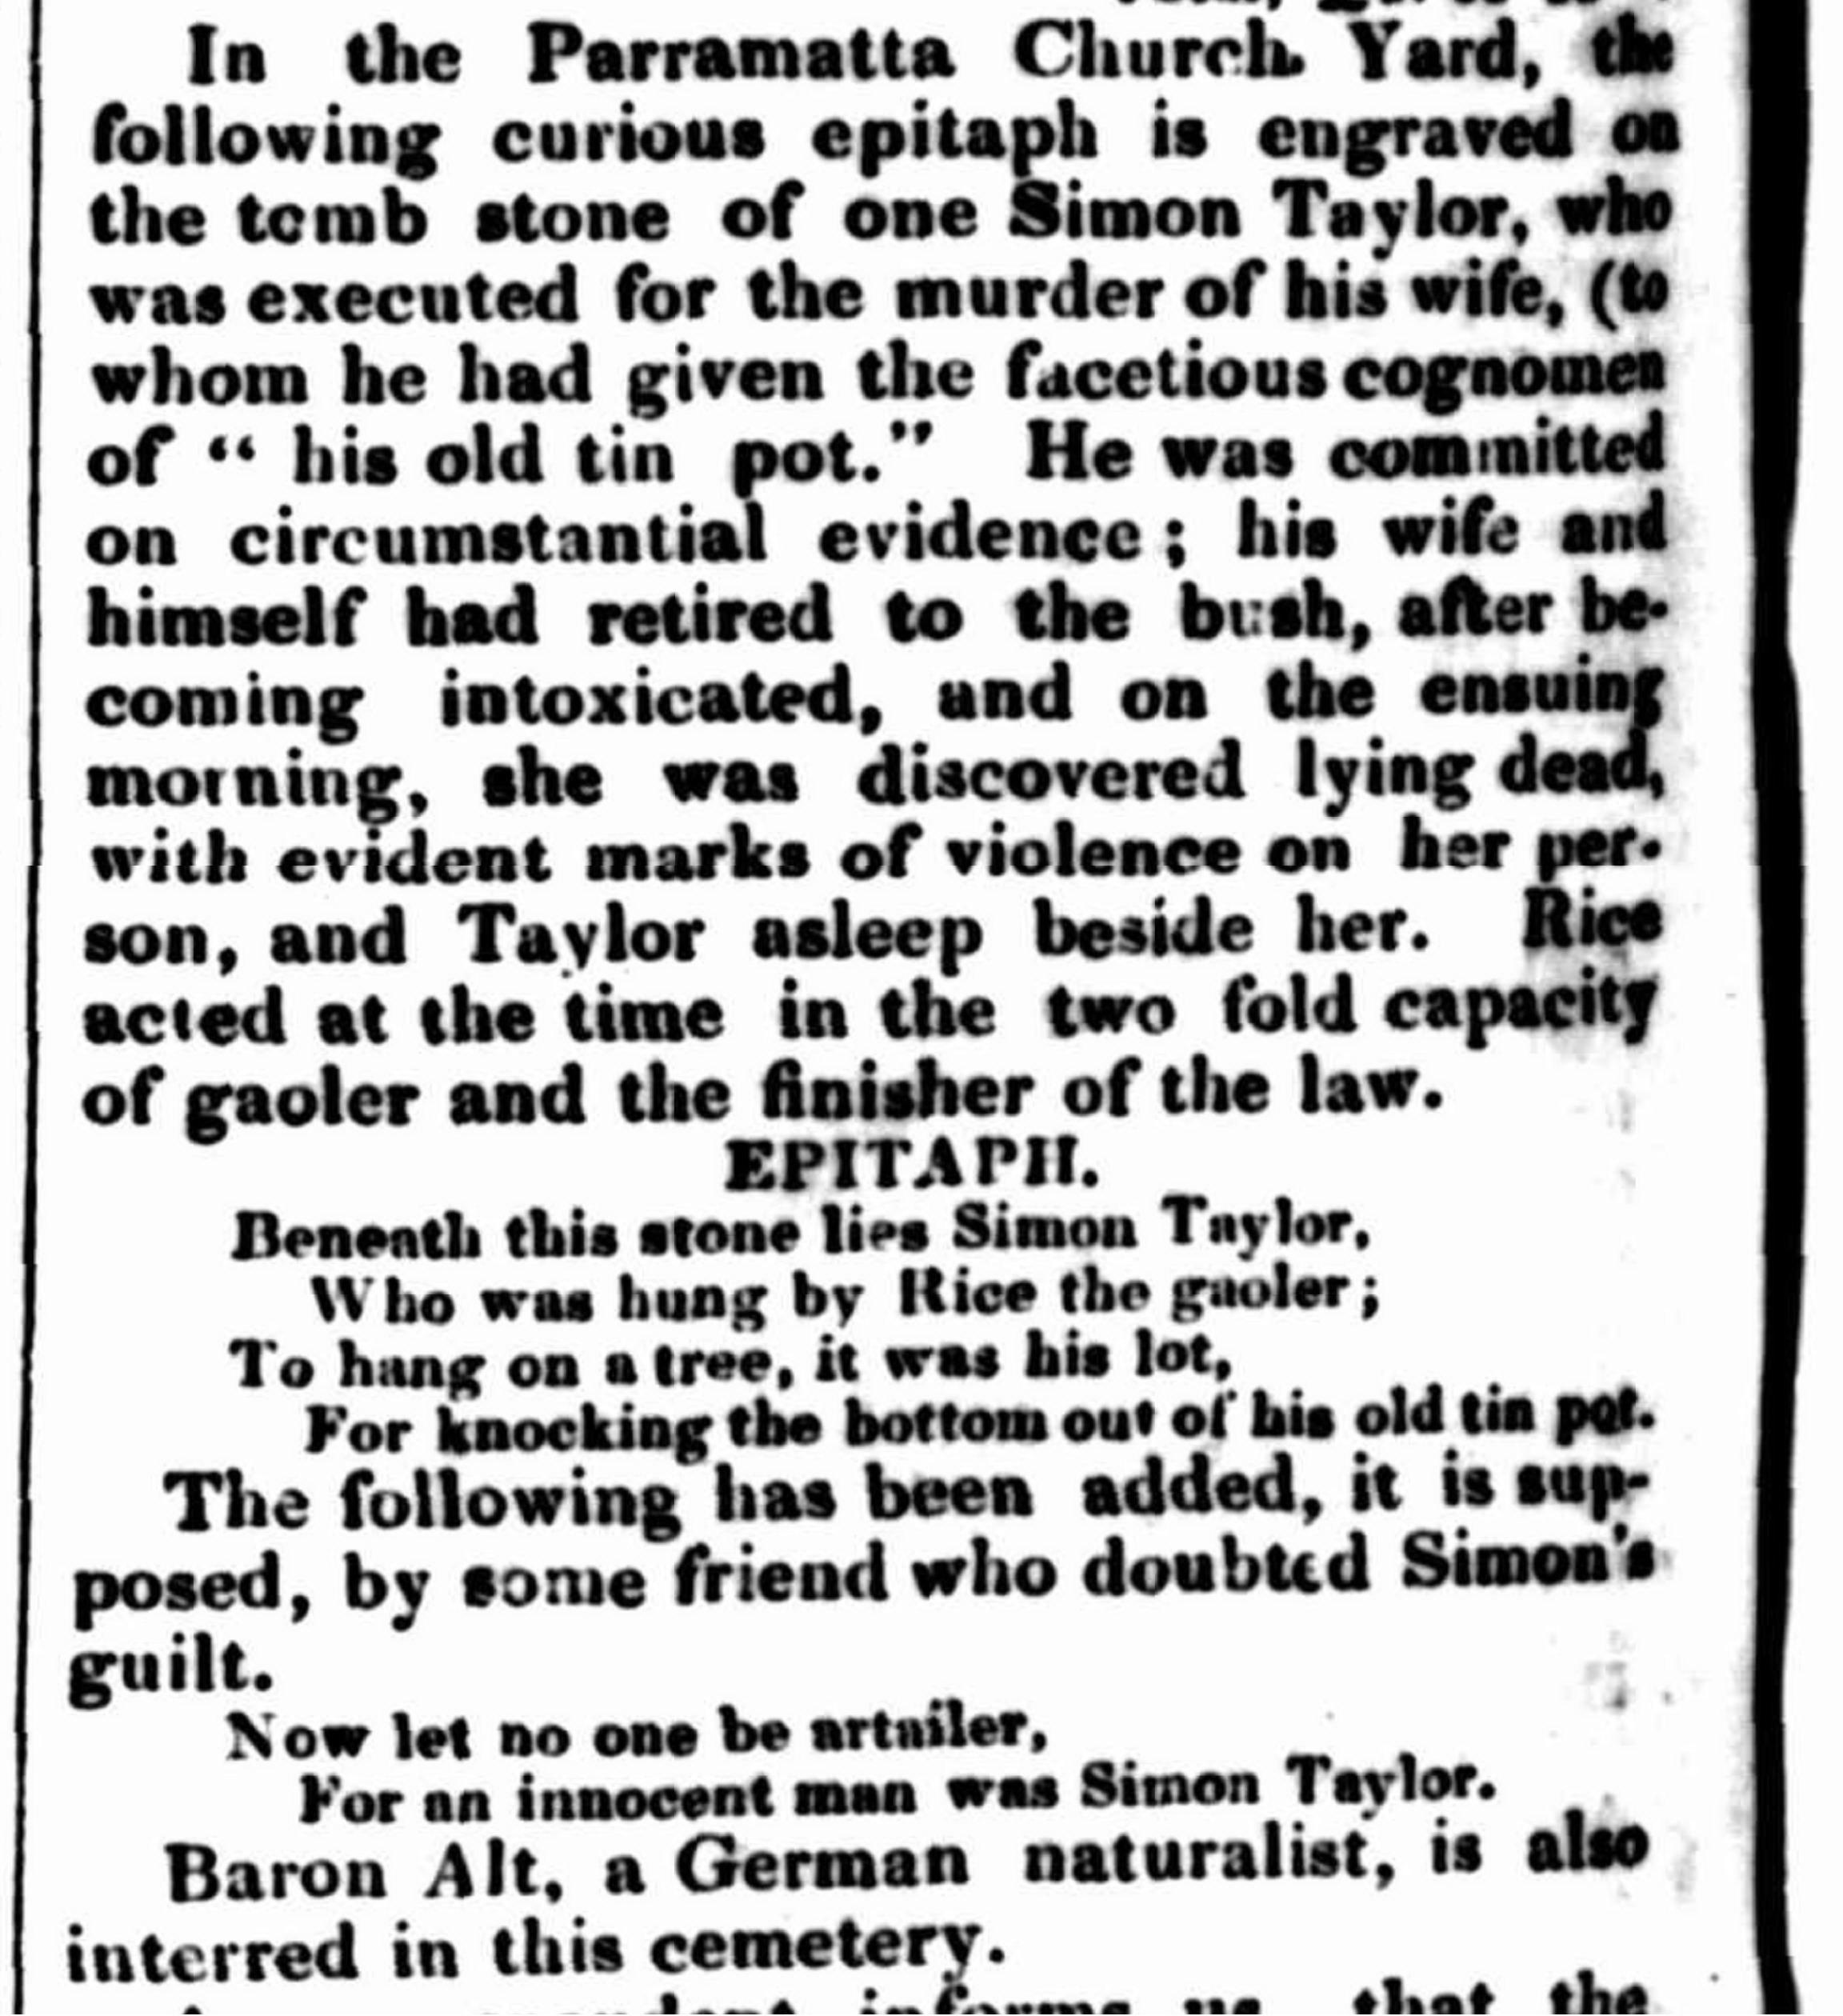 Curious Epitaph, Simon Taylor, Ann Taylor, Murder, Parramatta, 1799, 1790s, Old Parramatta, Old Parramattans, St. John's Cemetery Project, St. John's Cemetery, Parramatta Burial Ground